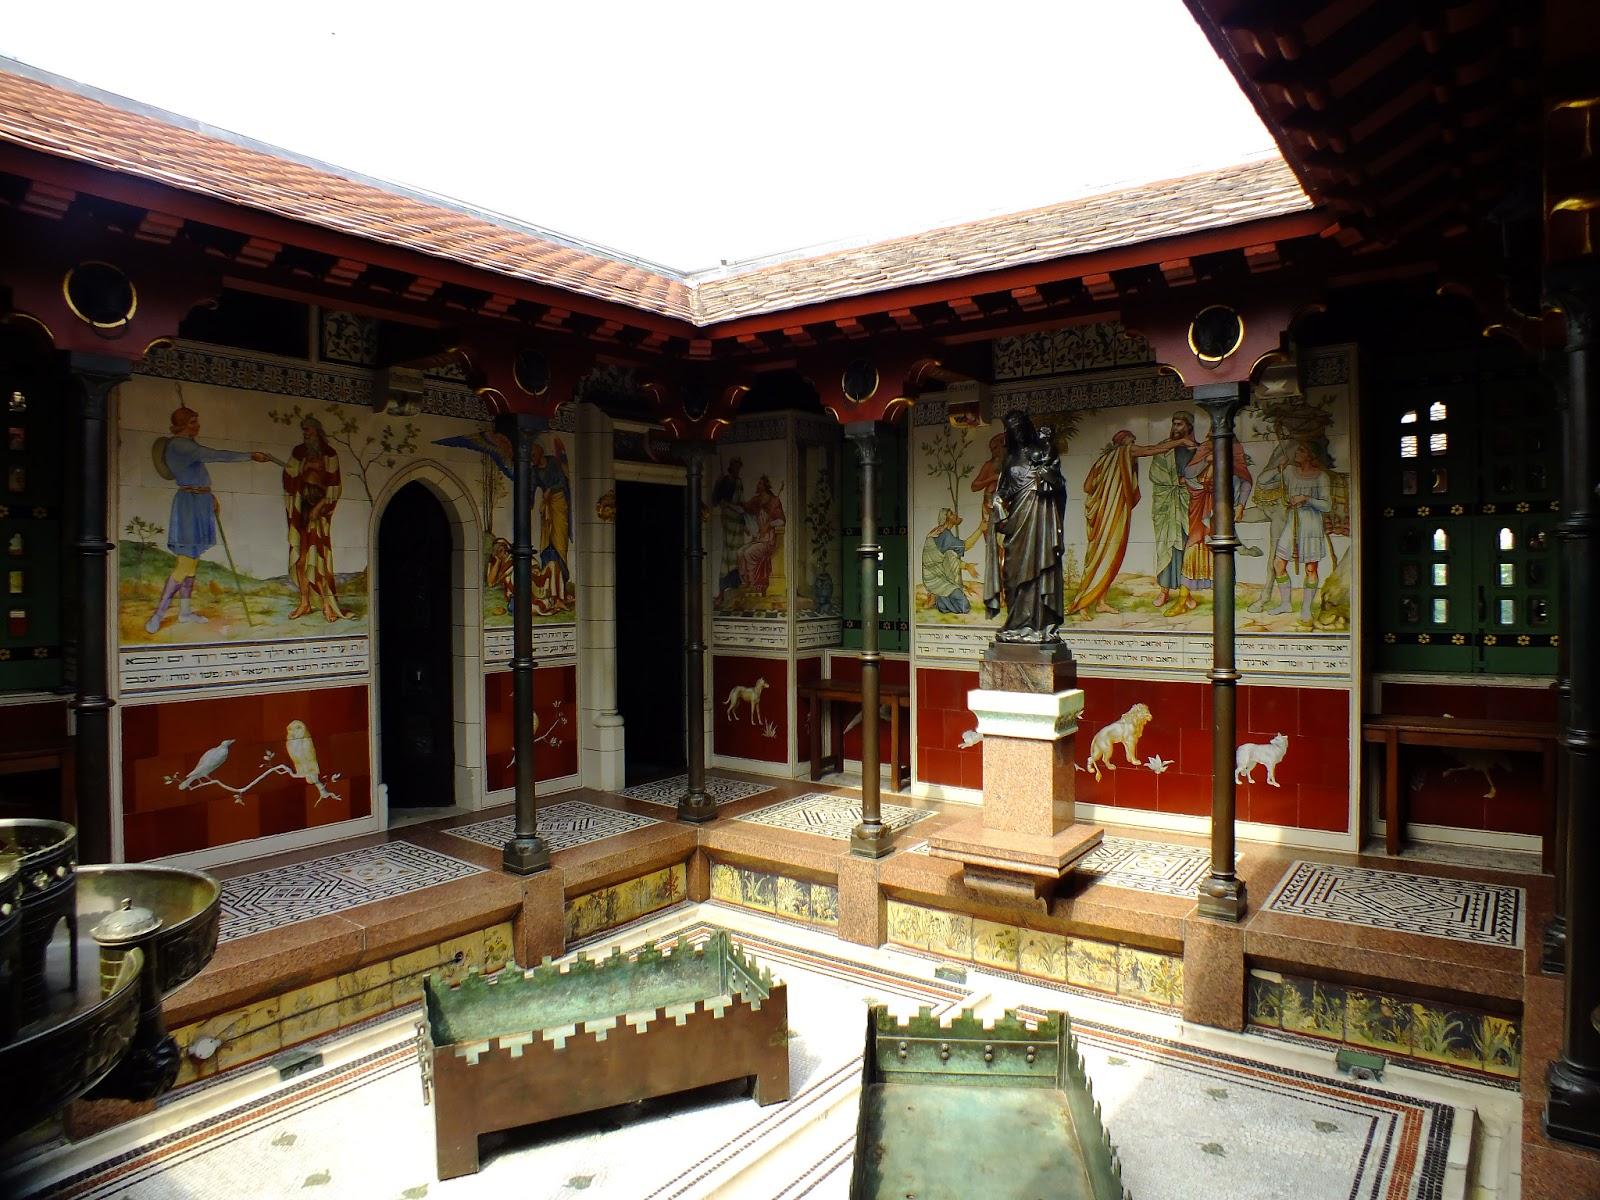 królewski basen na poddaszu